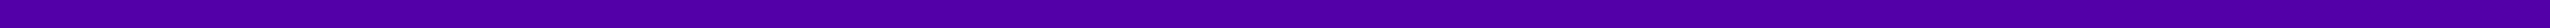 5Things line-purple